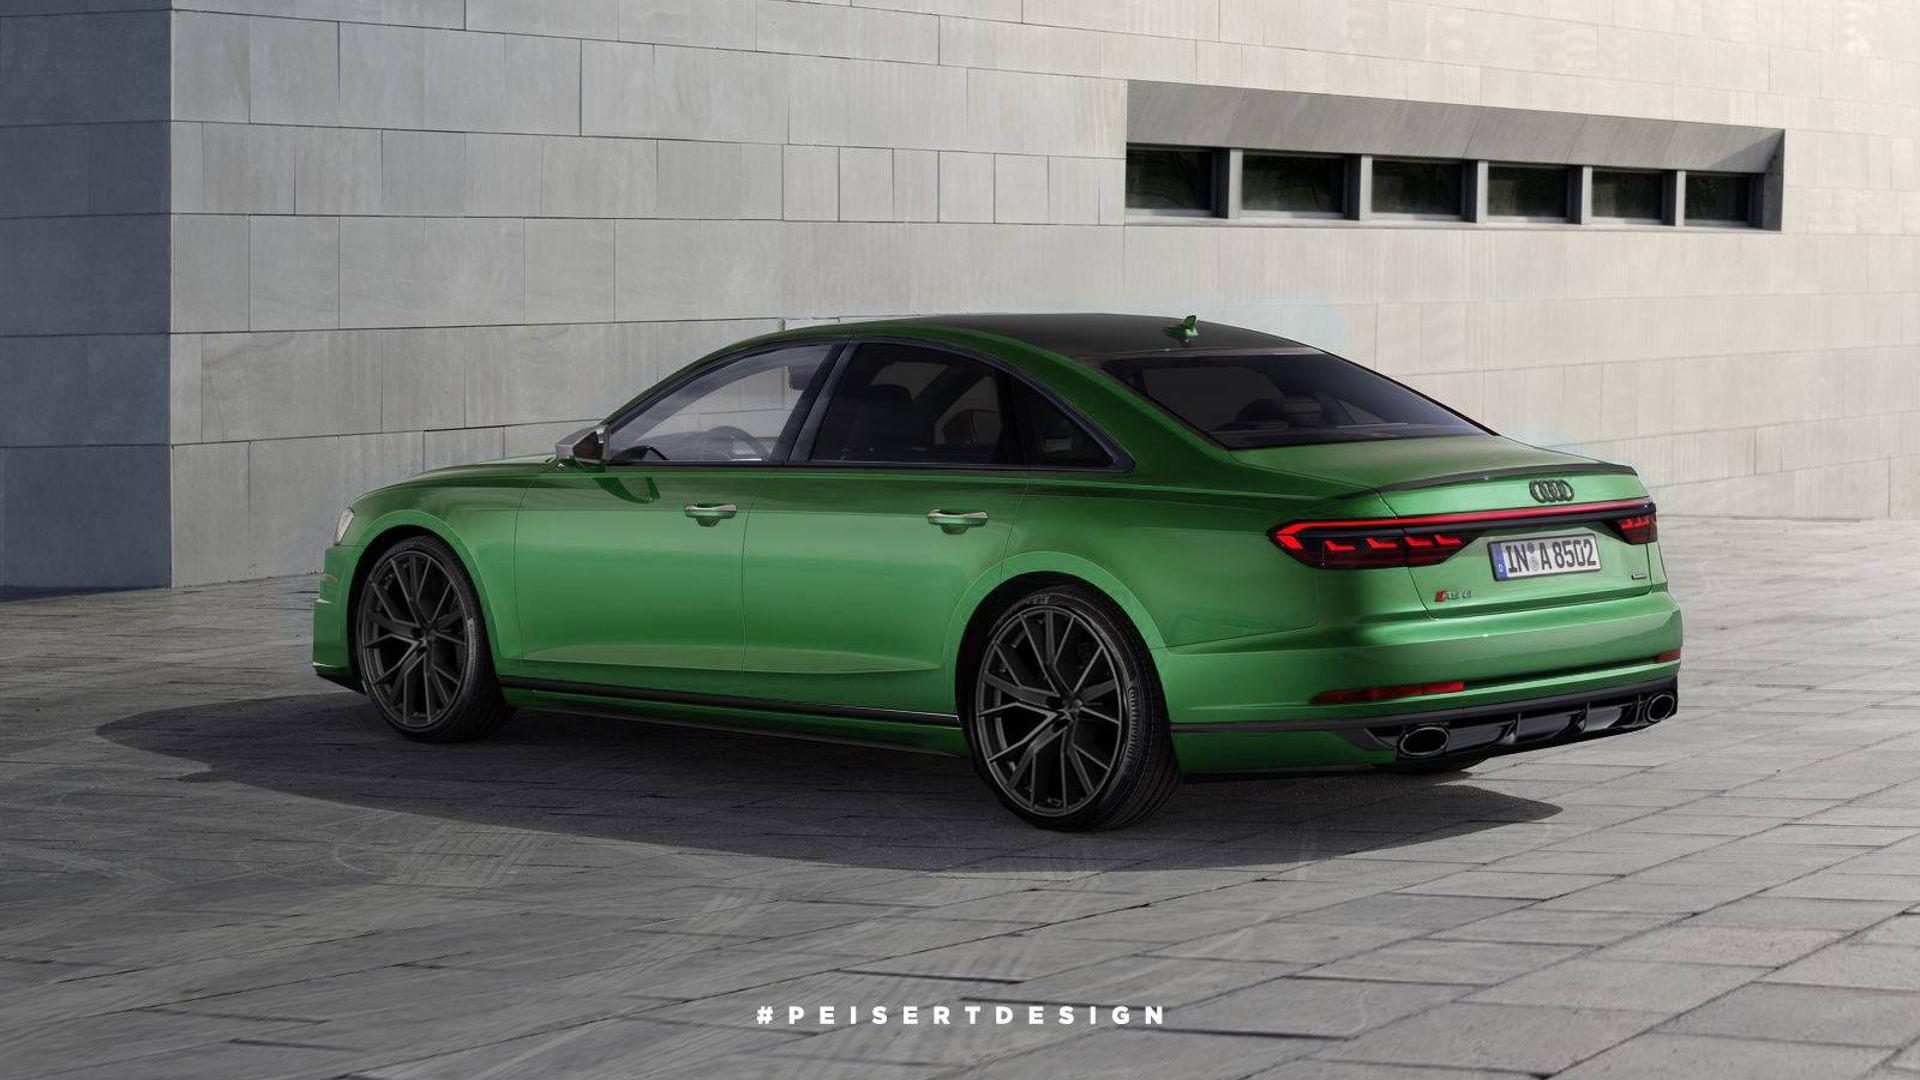 Kelebihan Kekurangan Audi Rs8 Spesifikasi